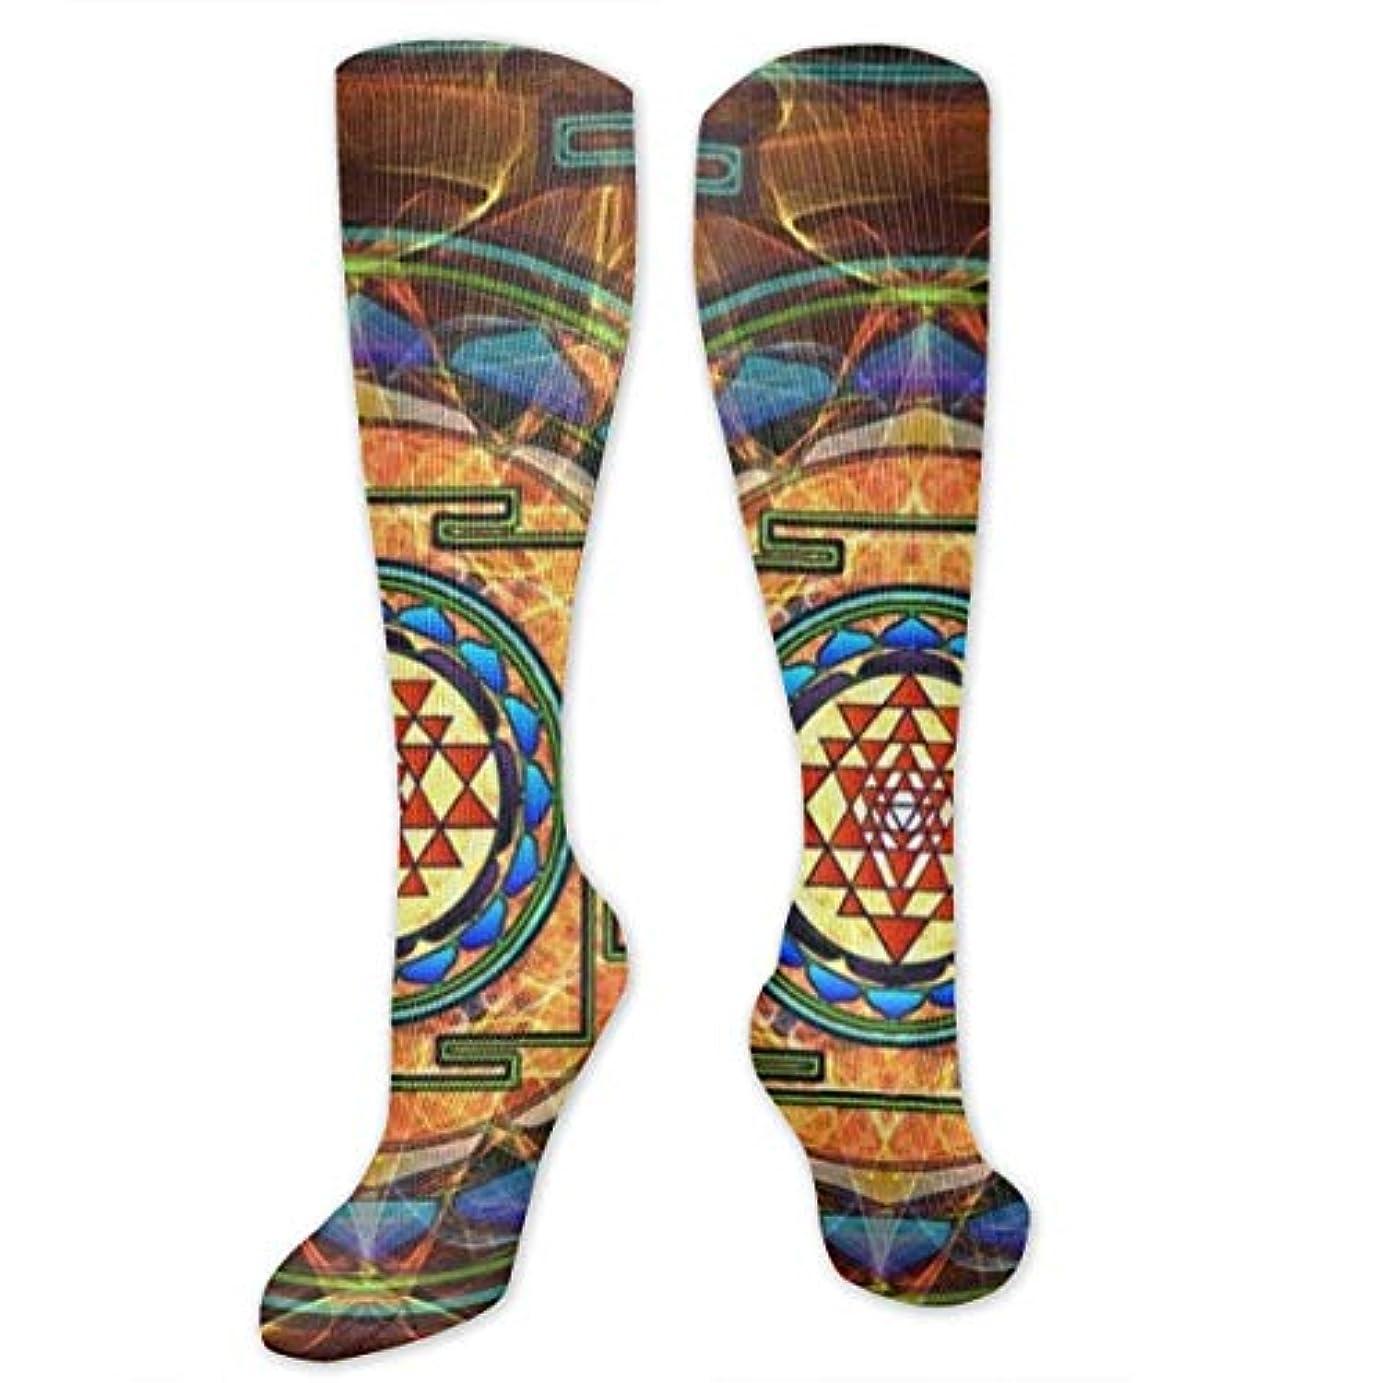 コンテストふける送る靴下,ストッキング,野生のジョーカー,実際,秋の本質,冬必須,サマーウェア&RBXAA Sacred Geometry Socks Women's Winter Cotton Long Tube Socks Knee High...